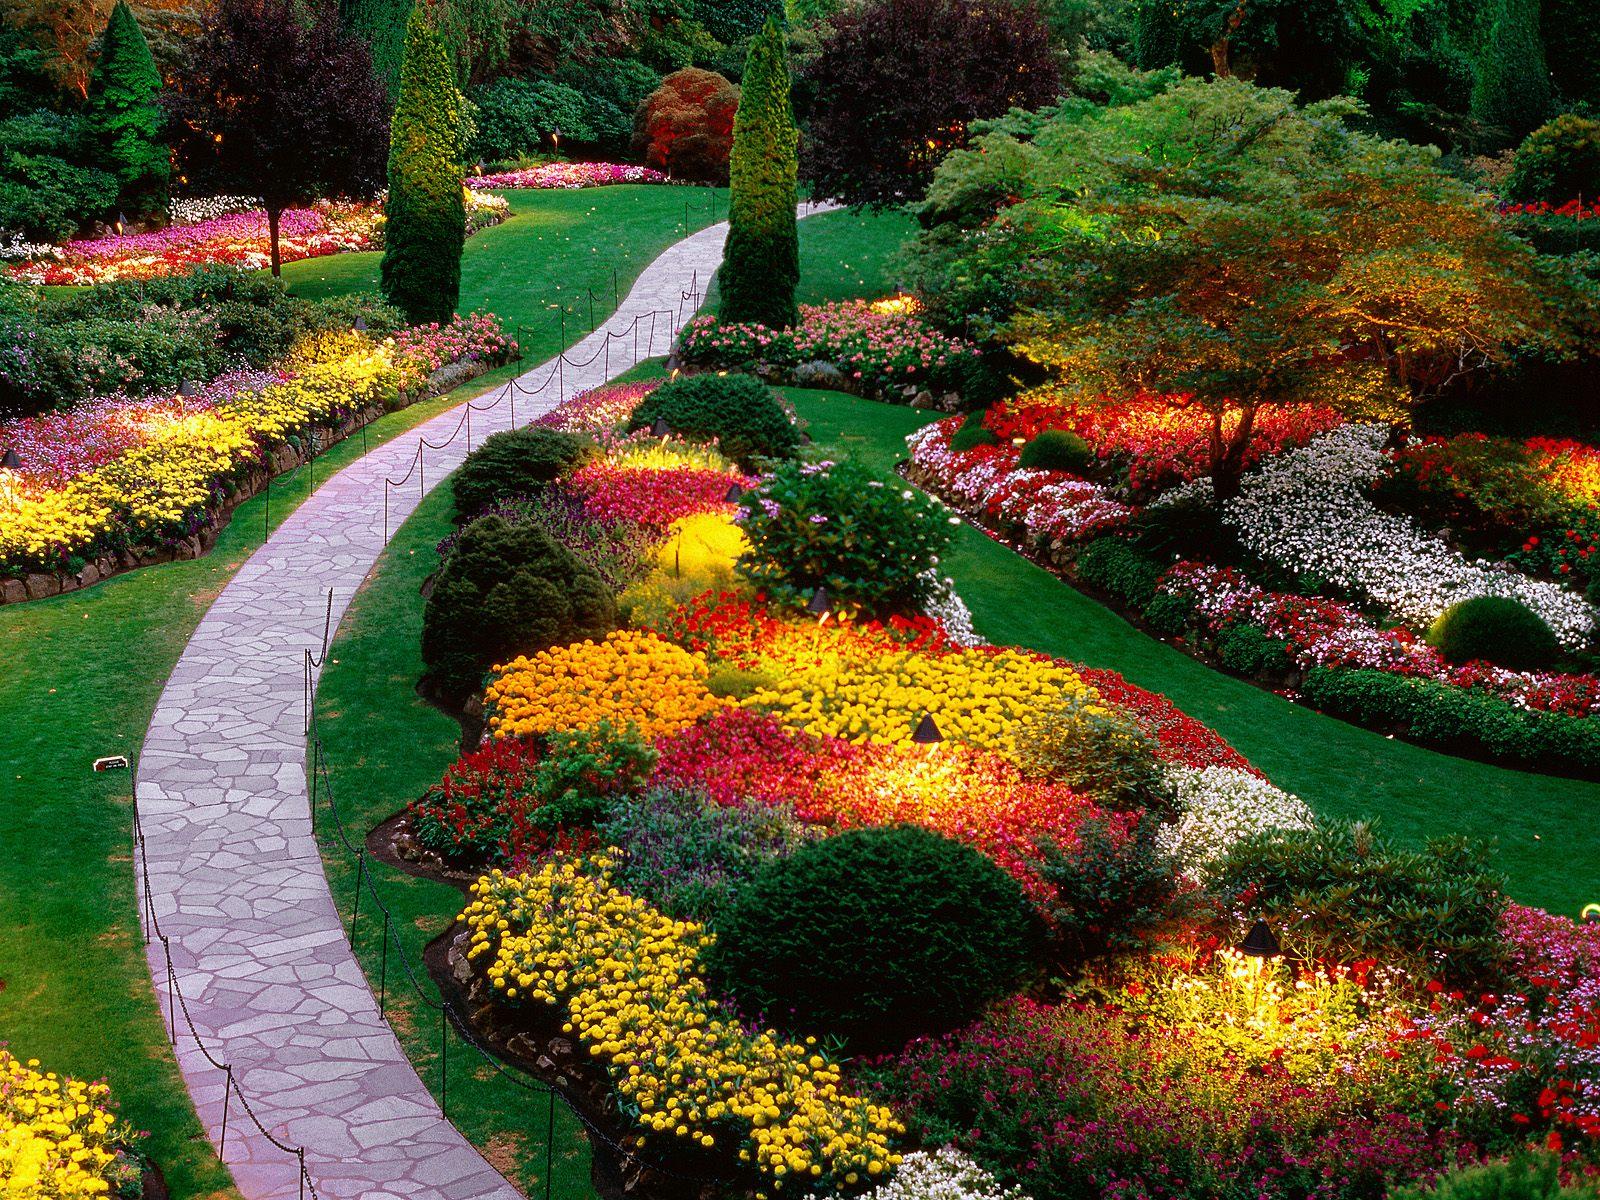 http://3.bp.blogspot.com/-B-E-jjY0cjs/TscWA6_-SgI/AAAAAAAAAhc/o7DPoq2am6M/s1600/flower-garden-wallpaper-hd-2-747079.jpg